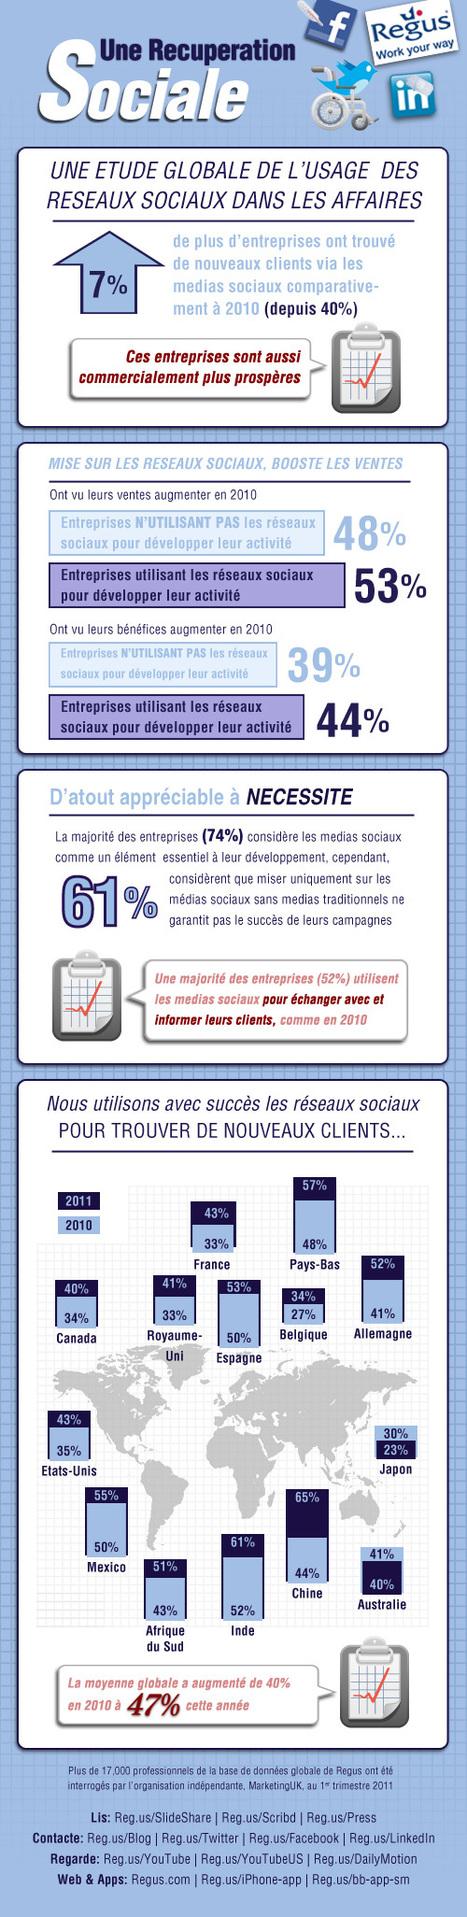 [infographie] Une étude globale de l'usage des réseaux sociaux dans les affaires | RegusBlog | SocialWebBusiness | Scoop.it